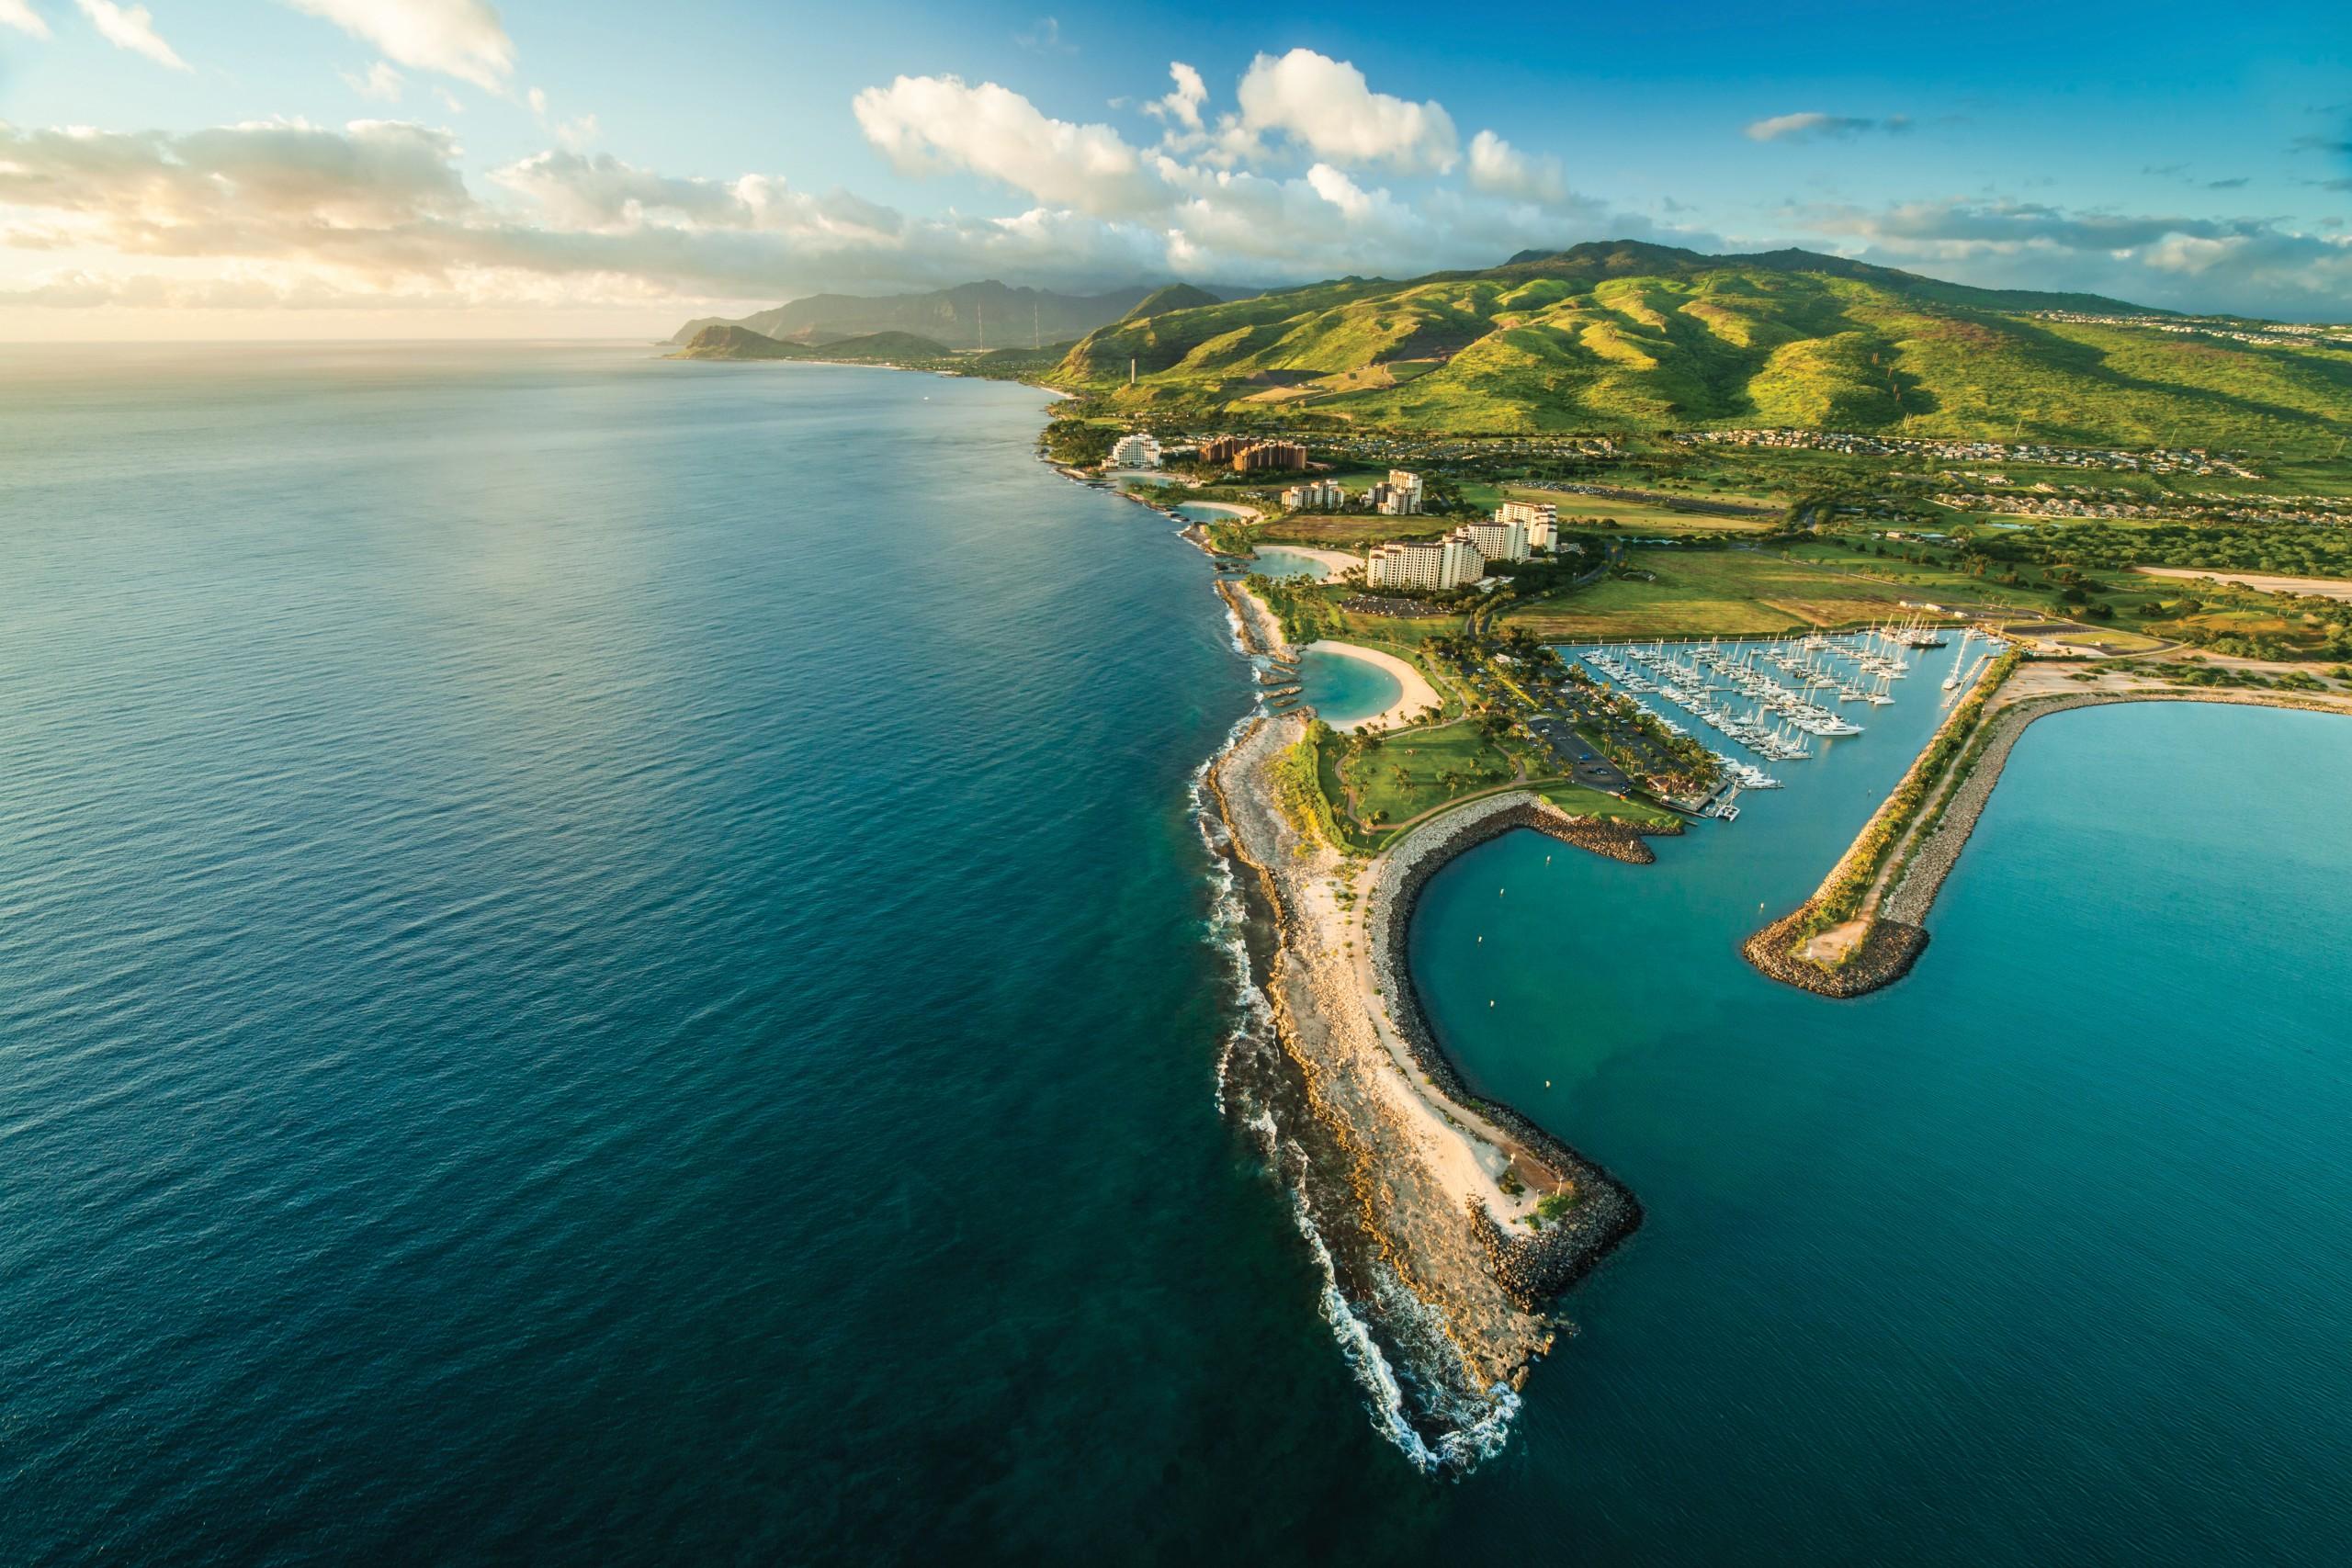 Oceanwide, Ko Olina Coastline